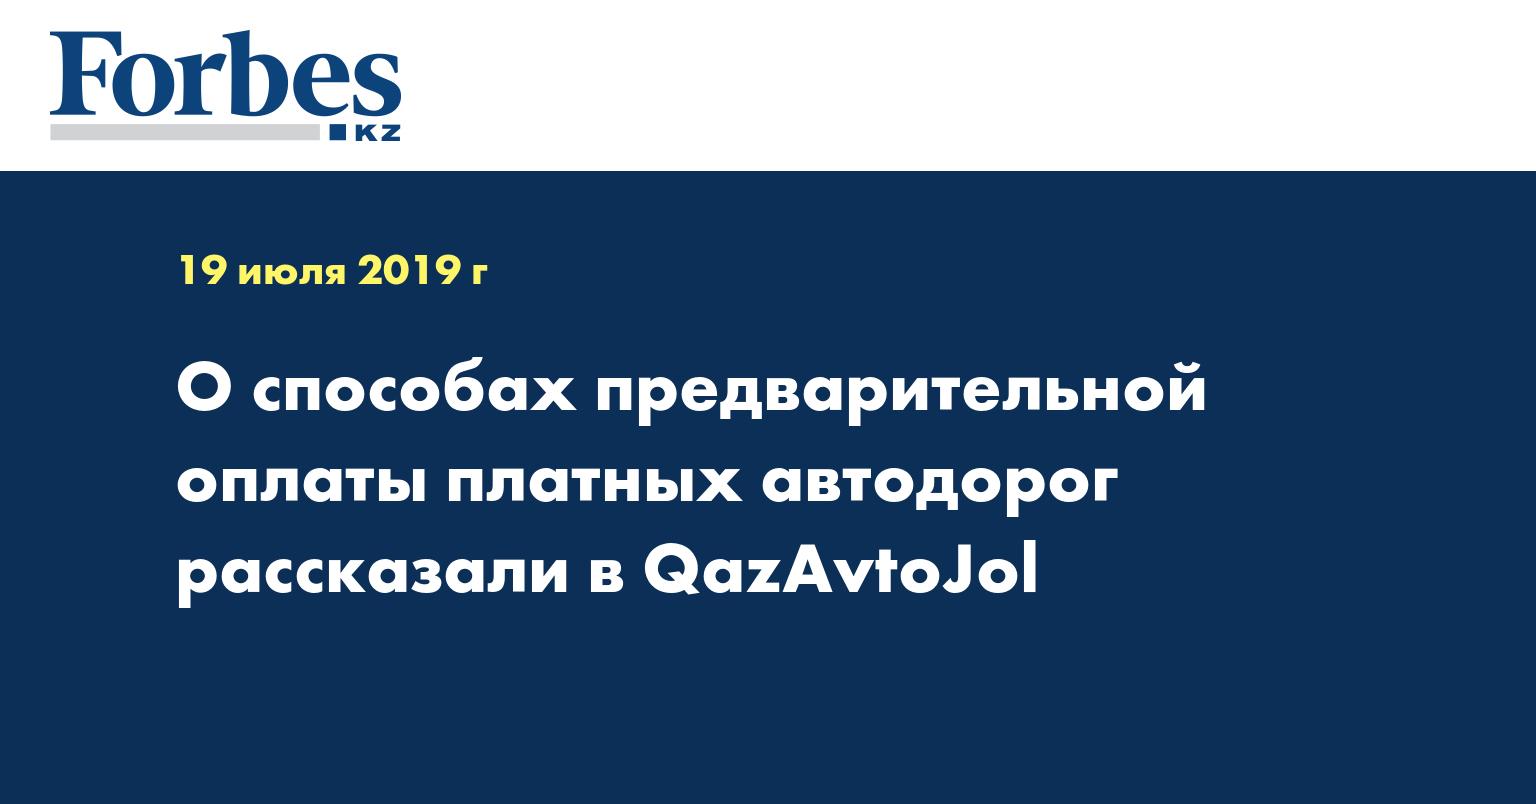 О способах предварительной оплаты платных автодорог рассказали в QazAvtoJol